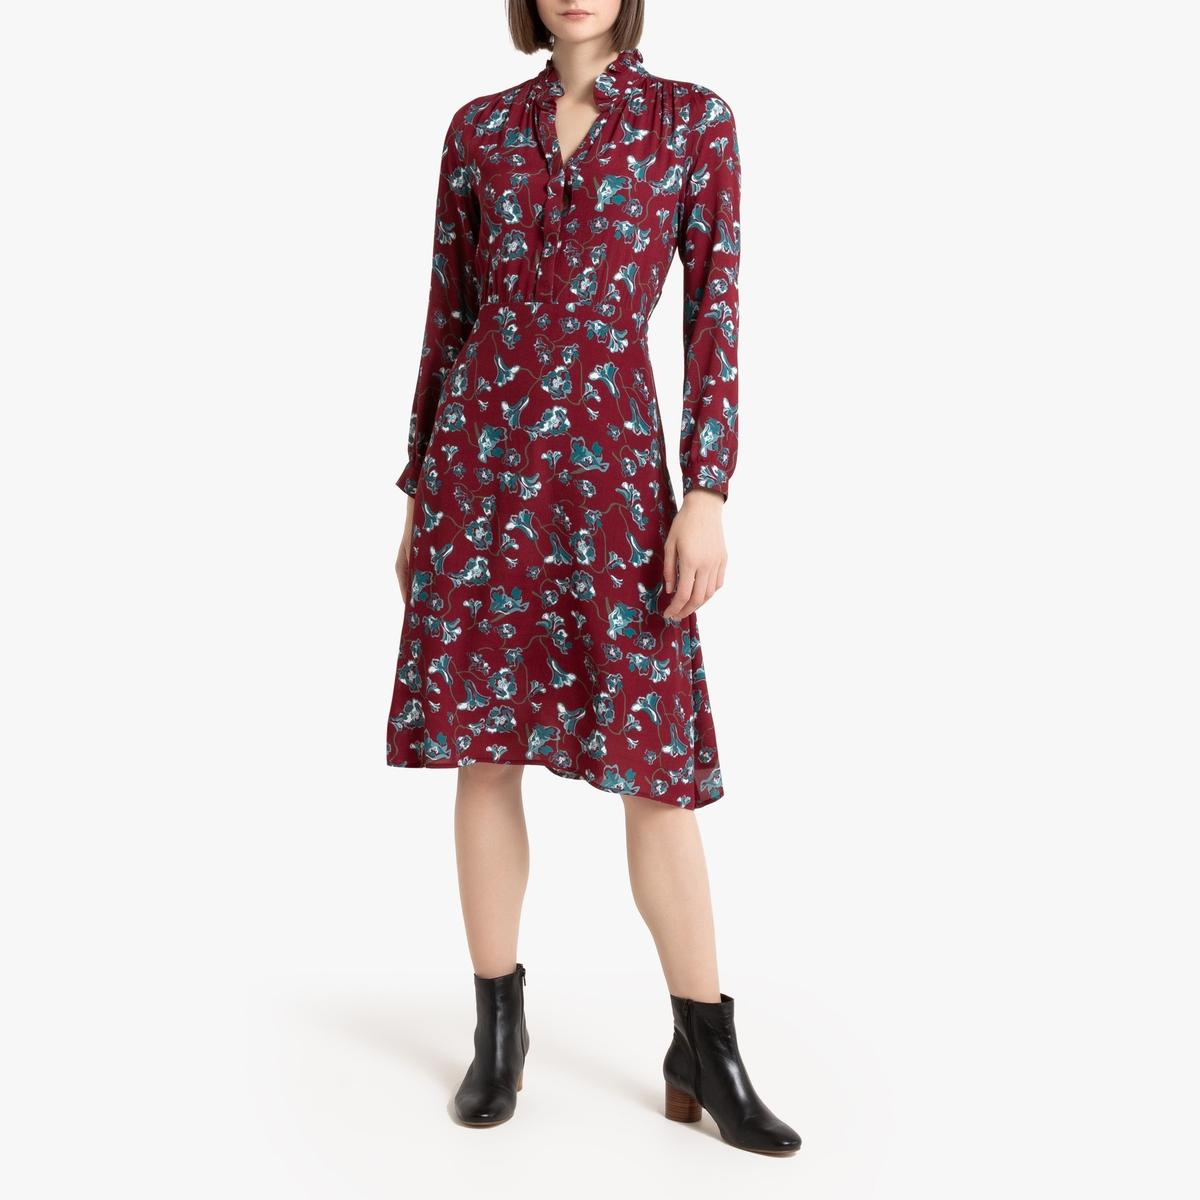 Платье La Redoute С цветочным рисунком длинными рукавами и круглым вырезом 0(XS) красный блузка la redoute с круглым вырезом цветочным рисунком и длинными рукавами s черный